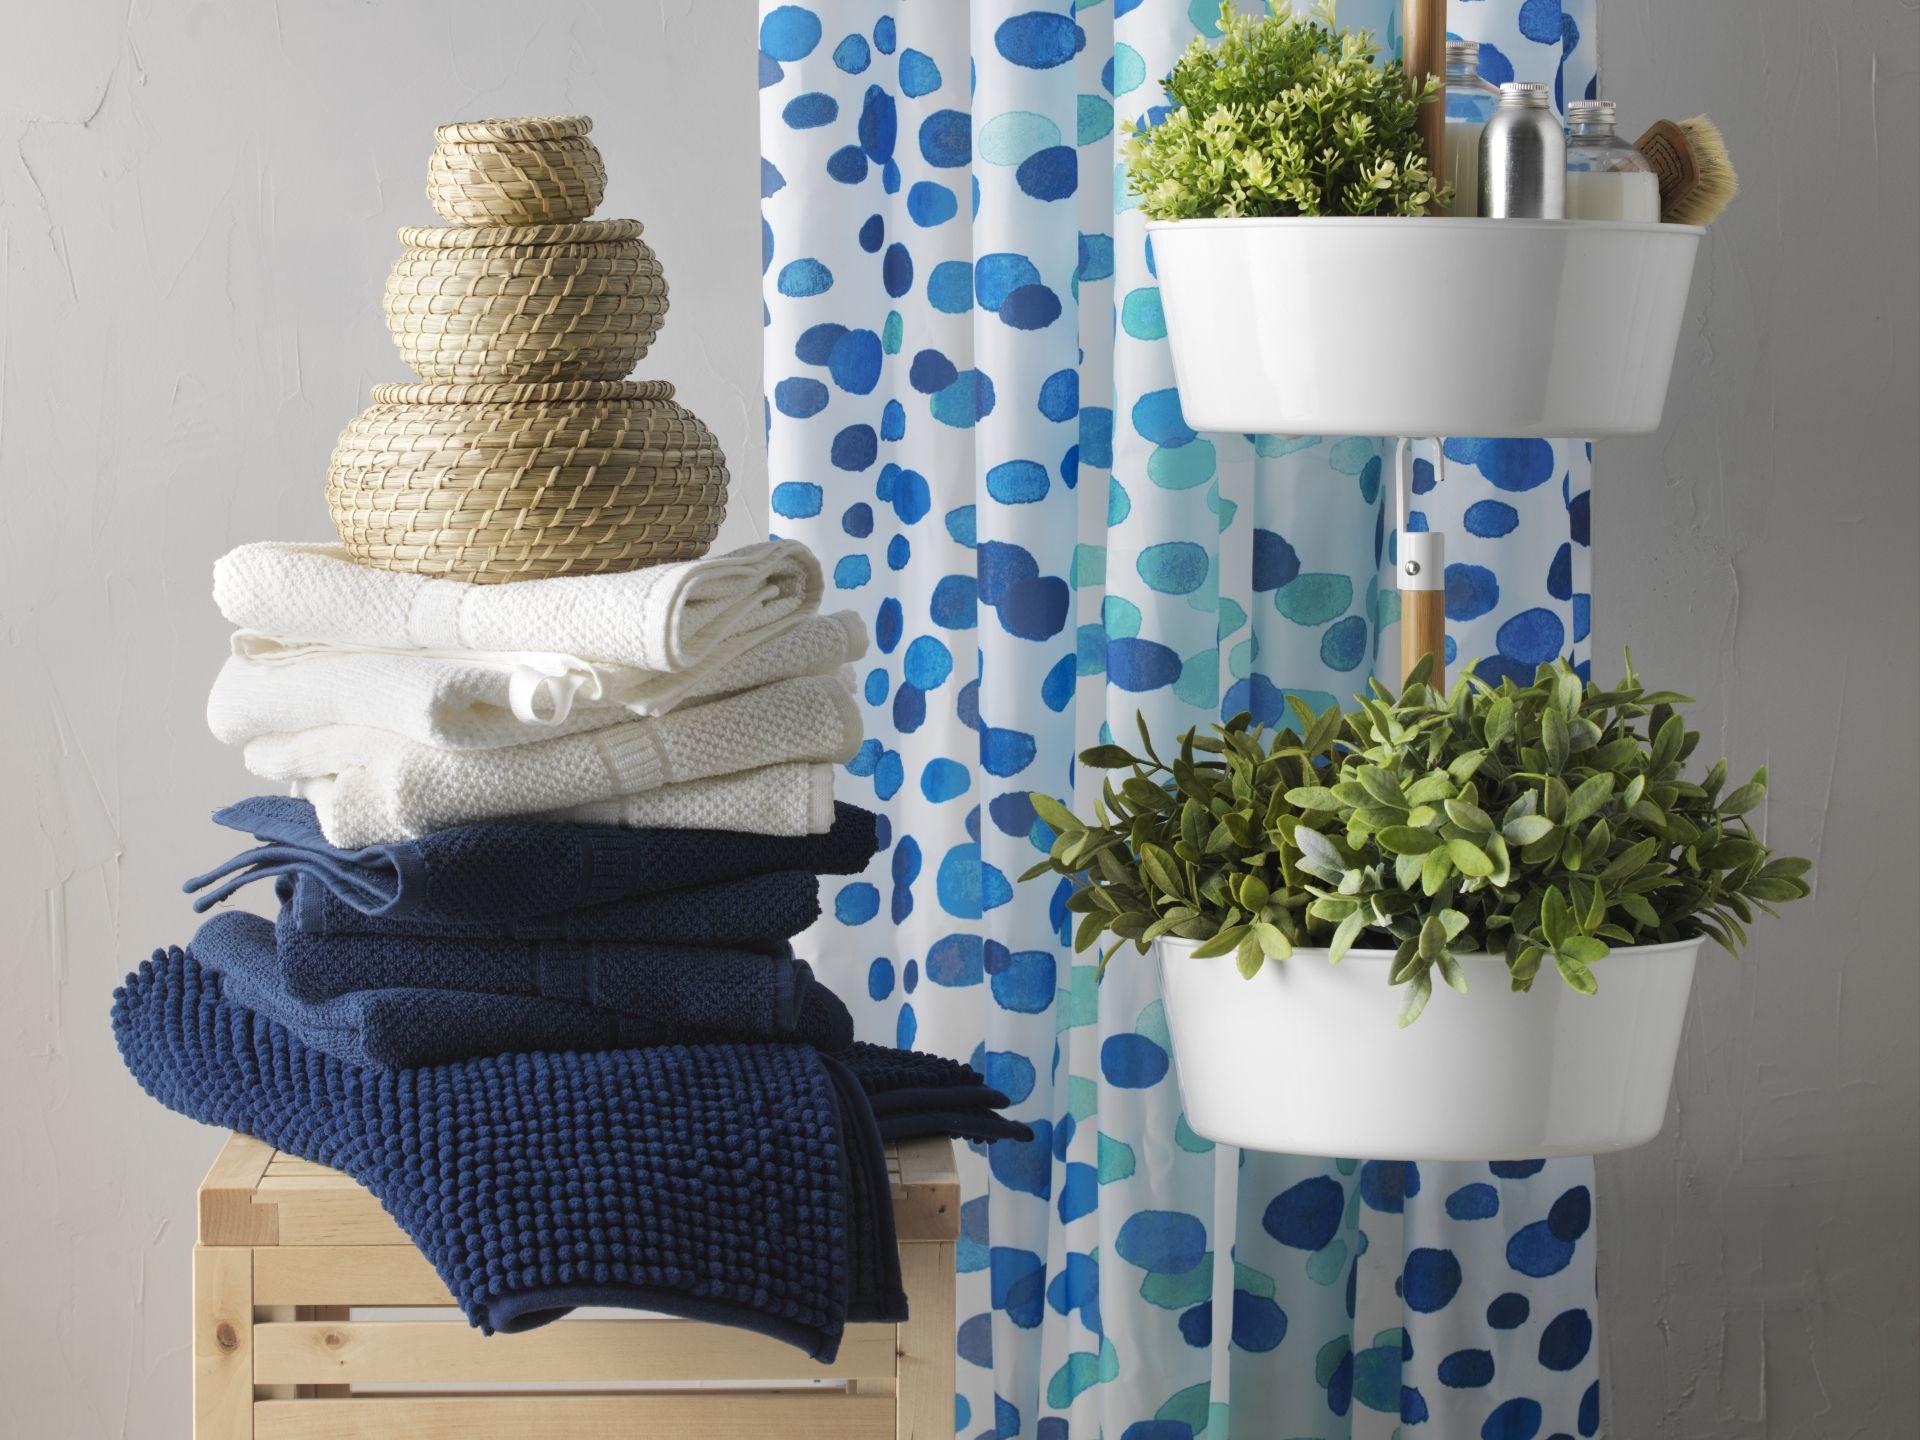 bittergurka plantenhanger wit badkamer inspiratie handdoeken en ikea. Black Bedroom Furniture Sets. Home Design Ideas